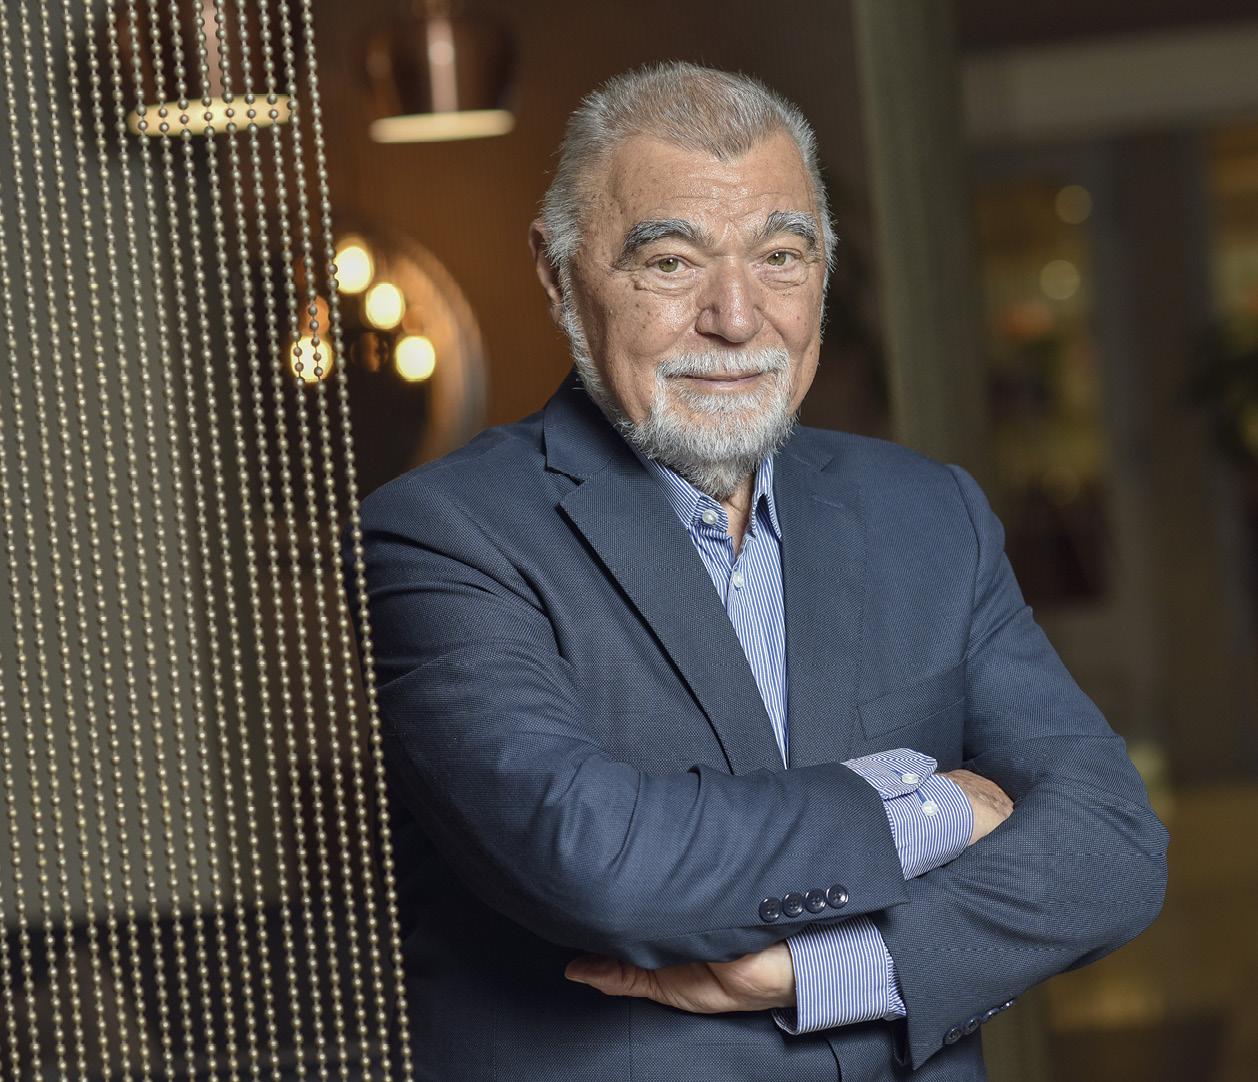 STIPE MESIĆ 'Andreja Plenkovića neće rušiti unutar HDZ-a jer su korumpirane cijele strukture kojima odgovara status quo'